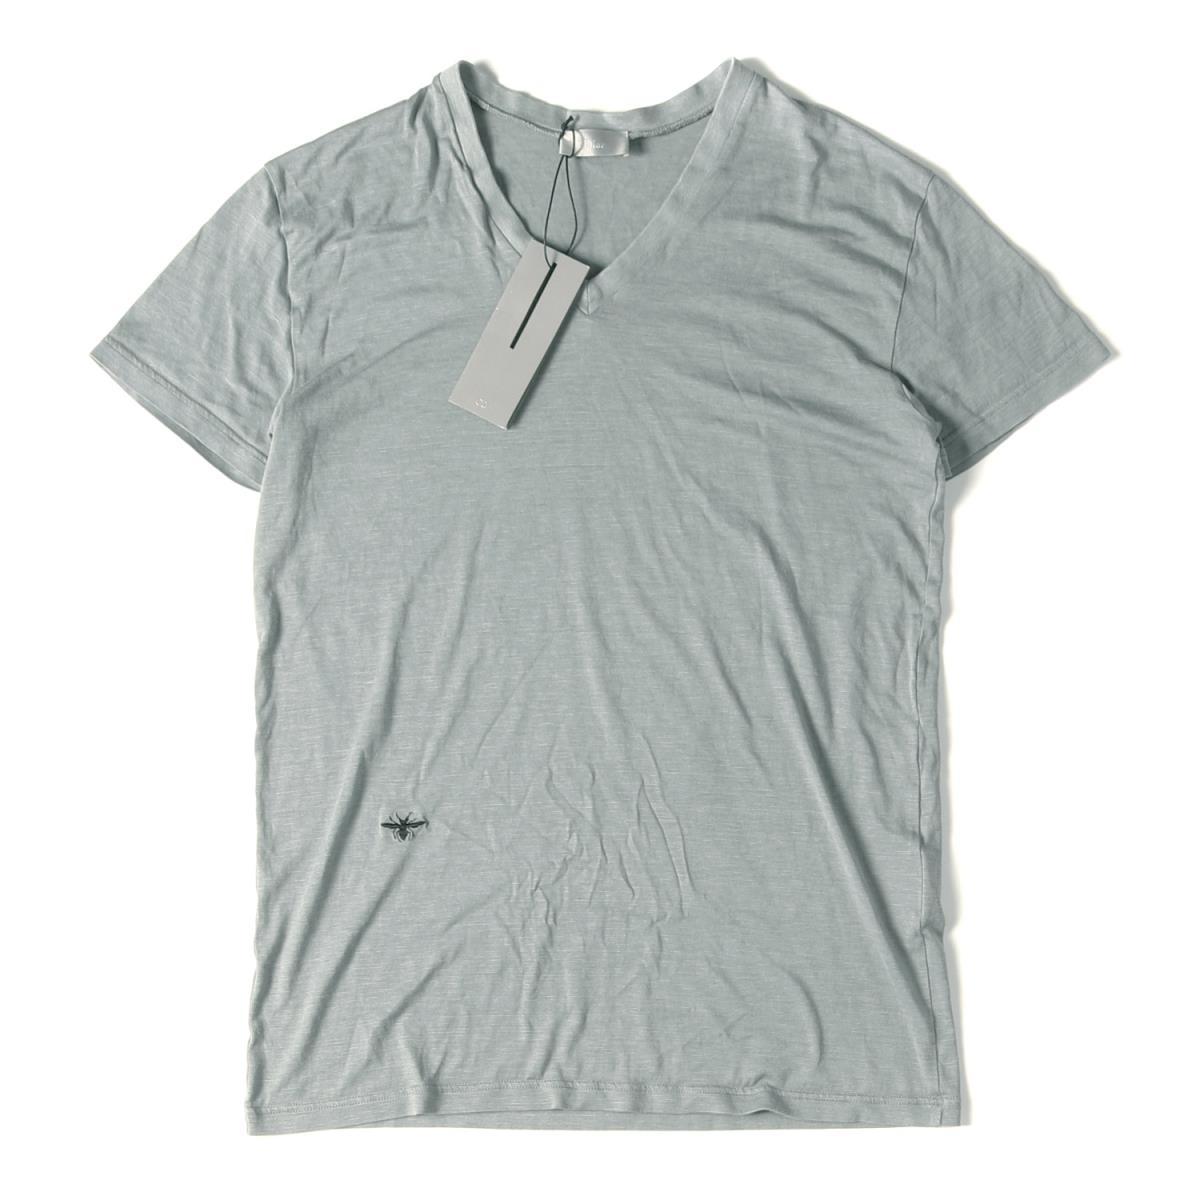 Dior HOMME (ディオールオム) BEE刺繍マイクロボーダーVネックTシャツ イタリア製 グレー S 【メンズ】【美品】【K2238】【中古】【あす楽☆対応可】